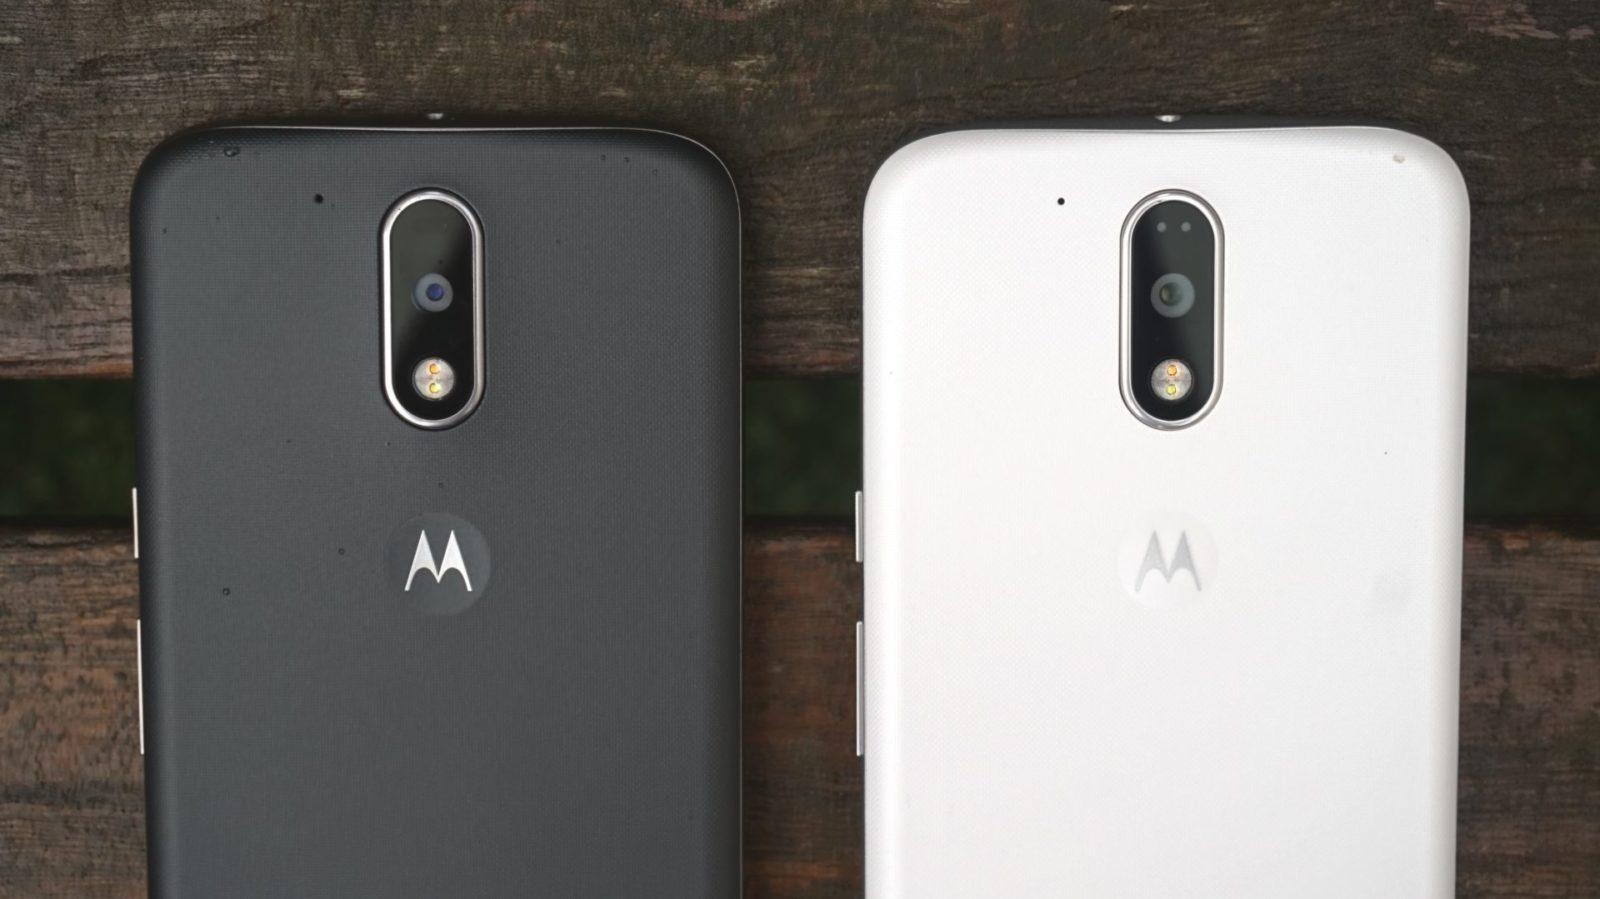 Moto G4 Plus inizia a intravedere Android 8 Oreo, a breve la prima fase di test